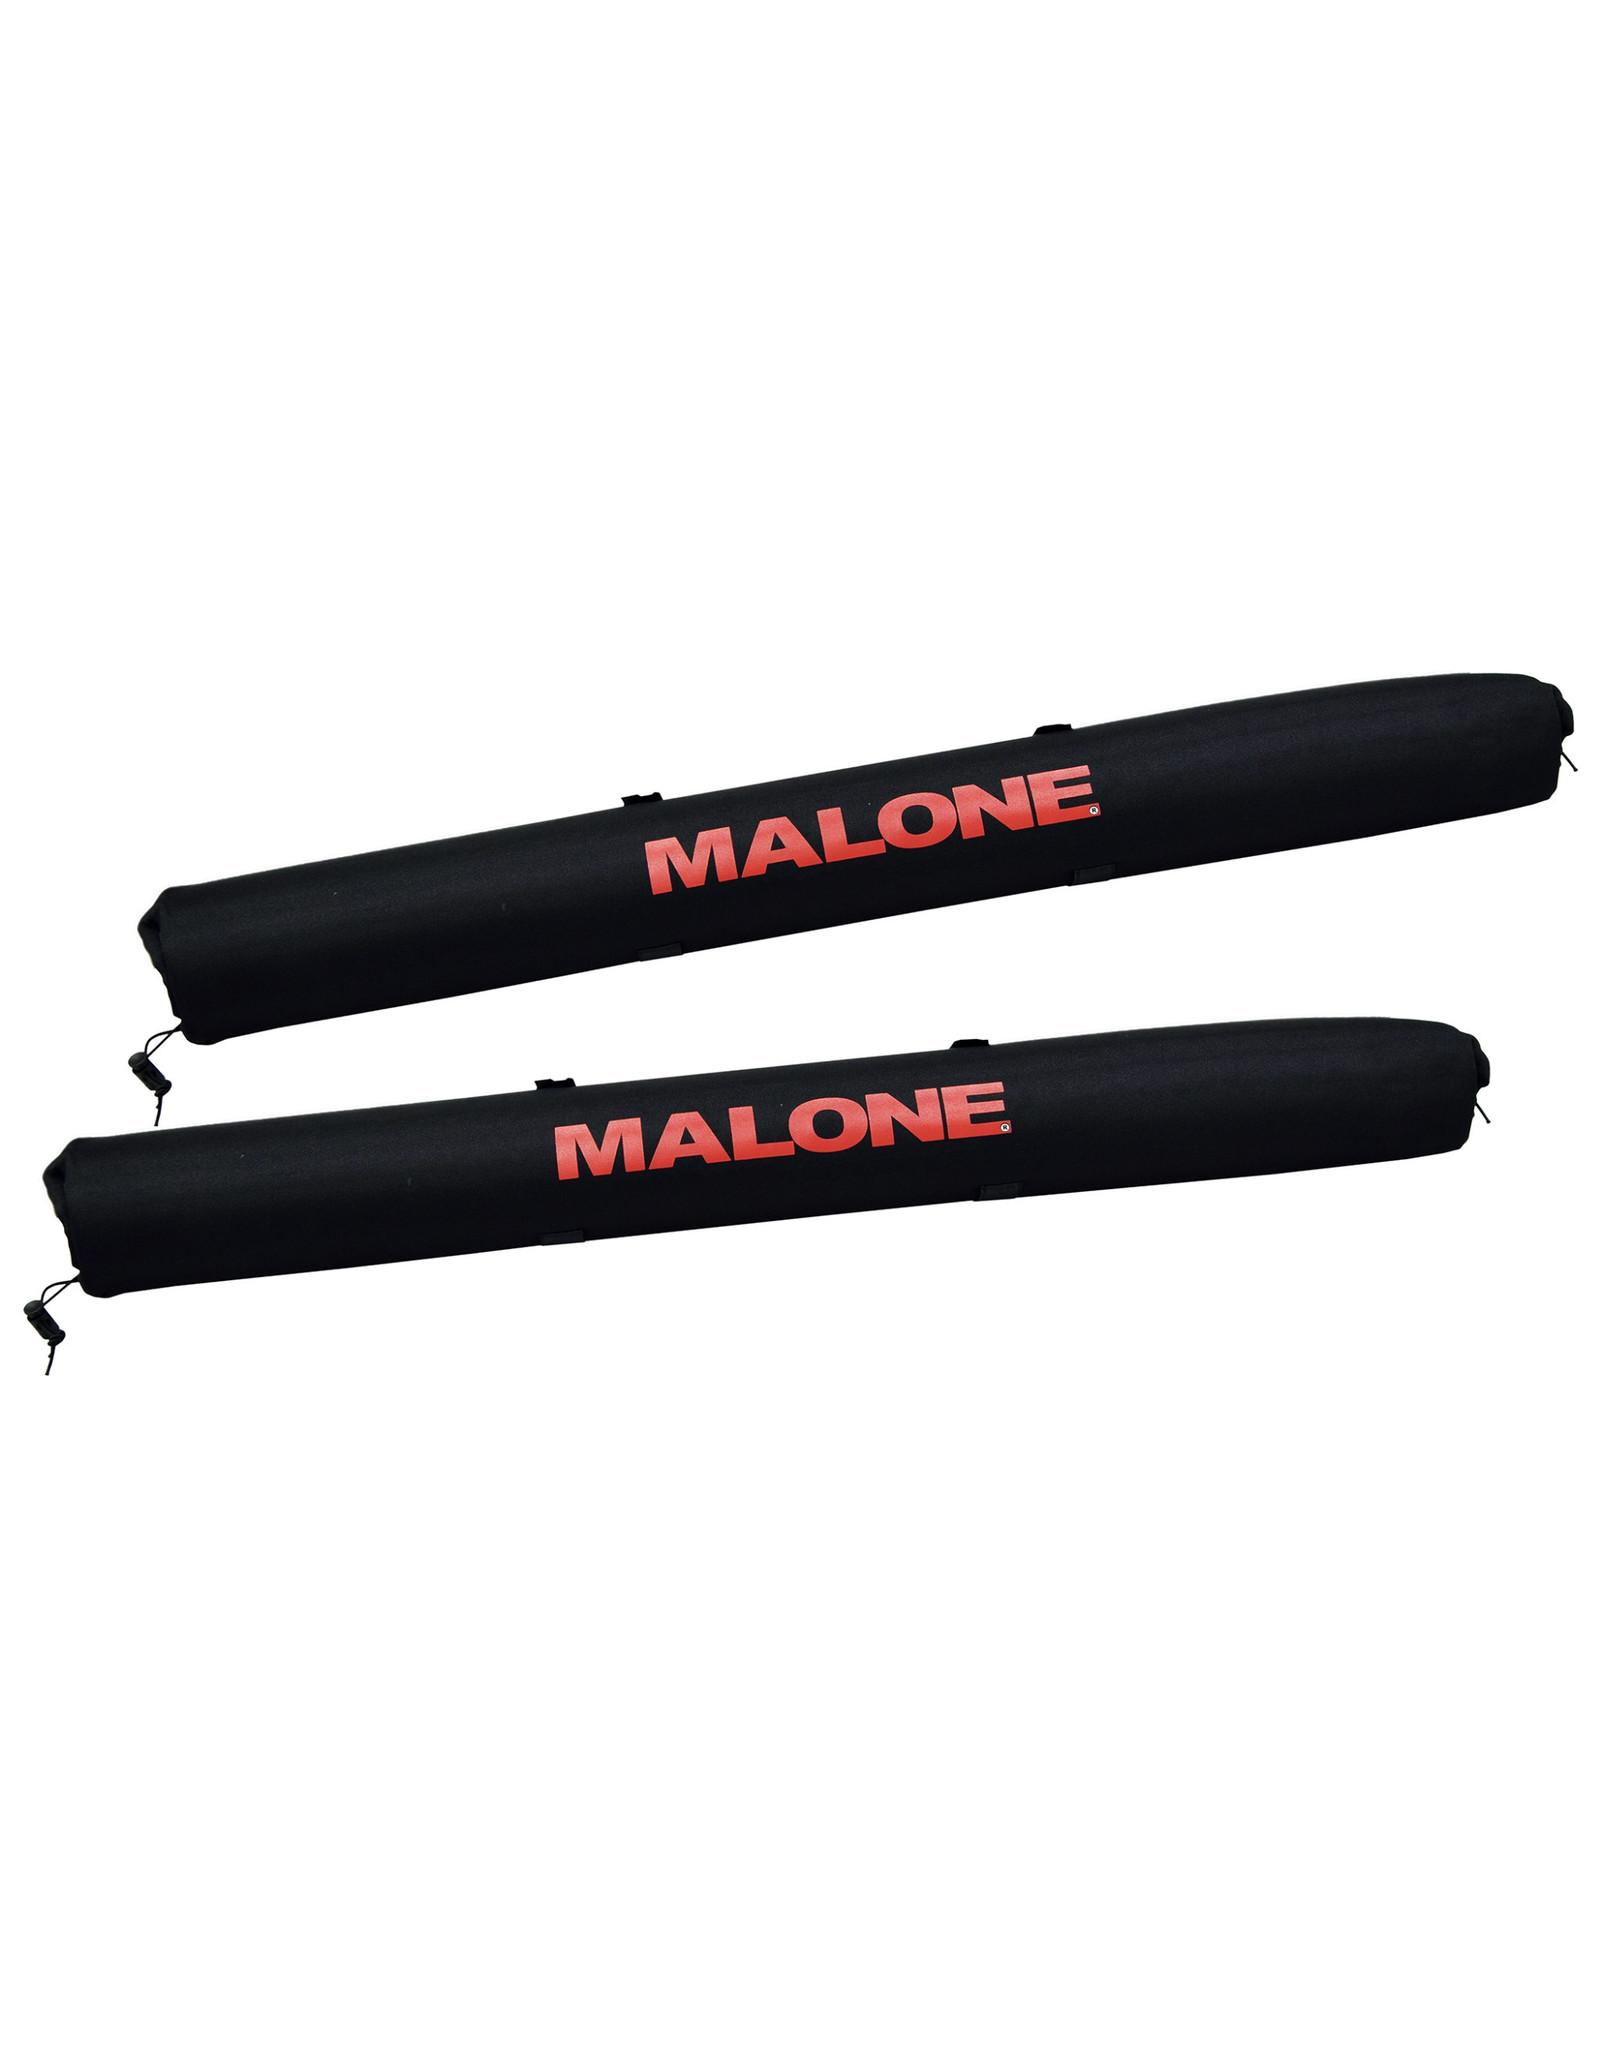 Malone Auto Rack Malone Pads de bars Jumbo 36'' (set of 2)